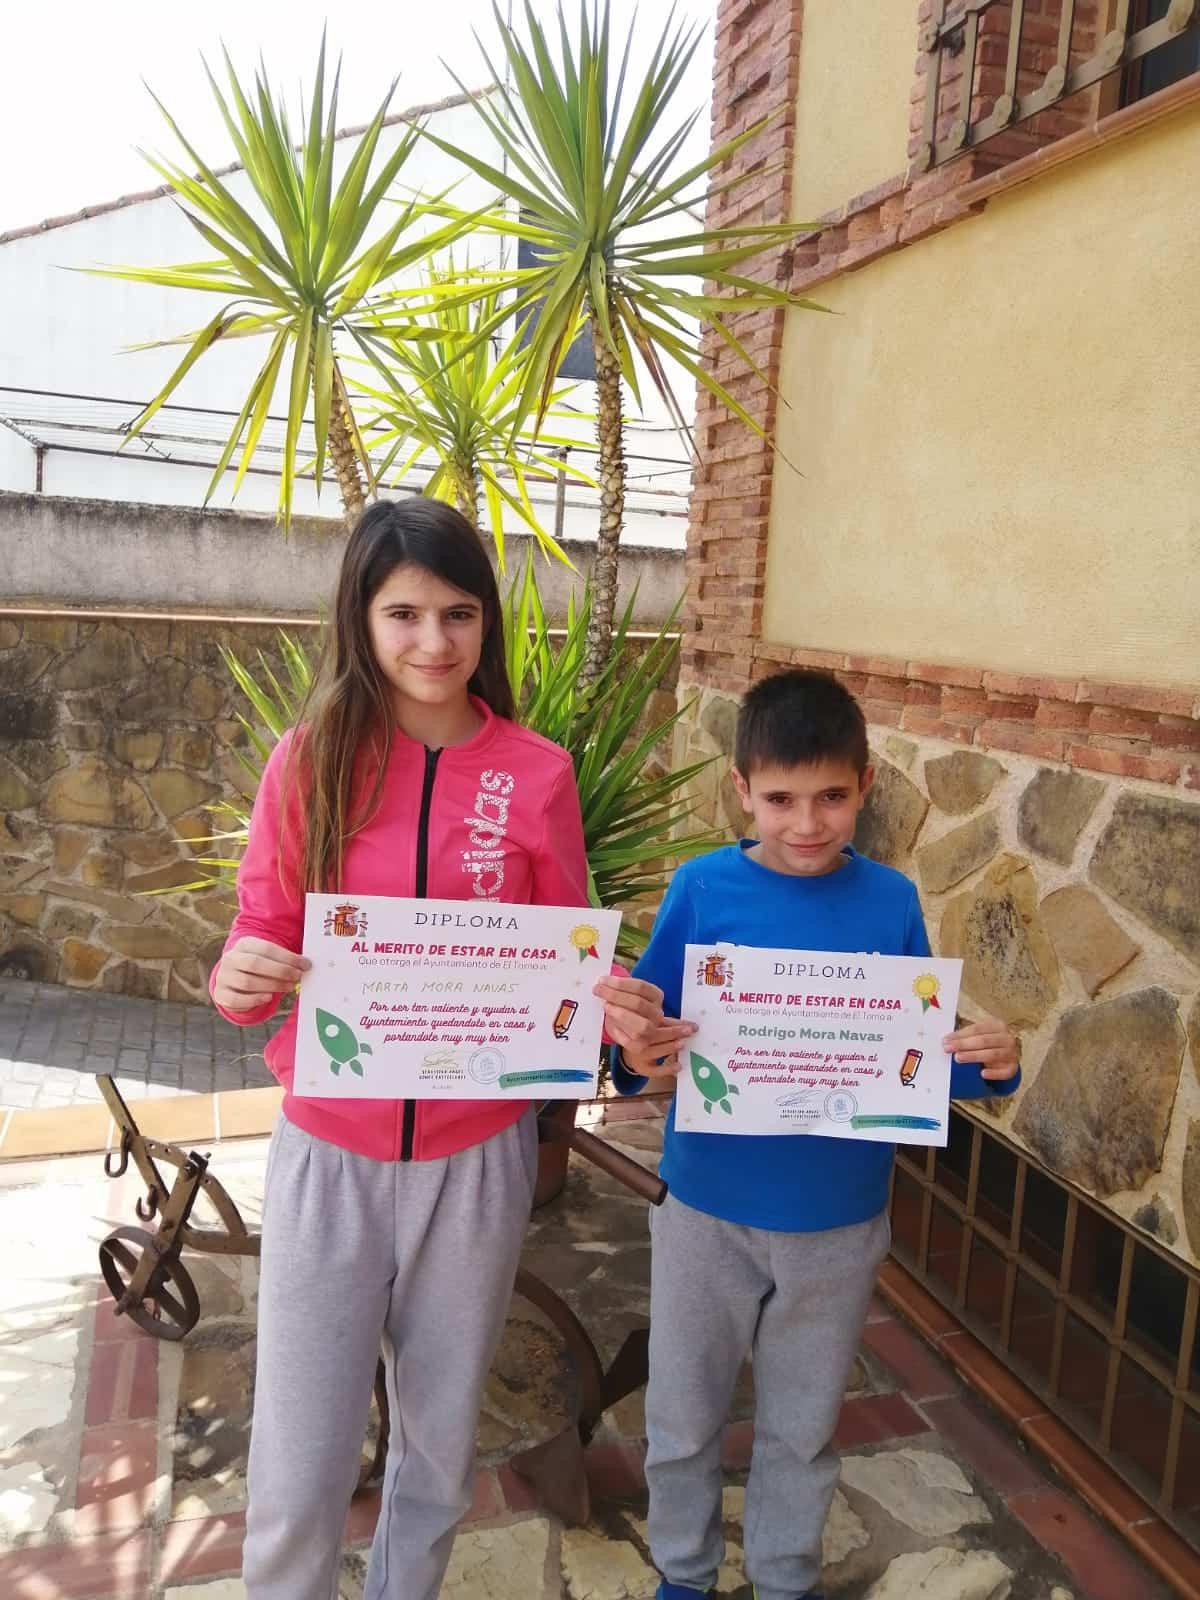 El alcalde de El Torno agradece a los niños su colaboración en la lucha contra el coronavirus 11